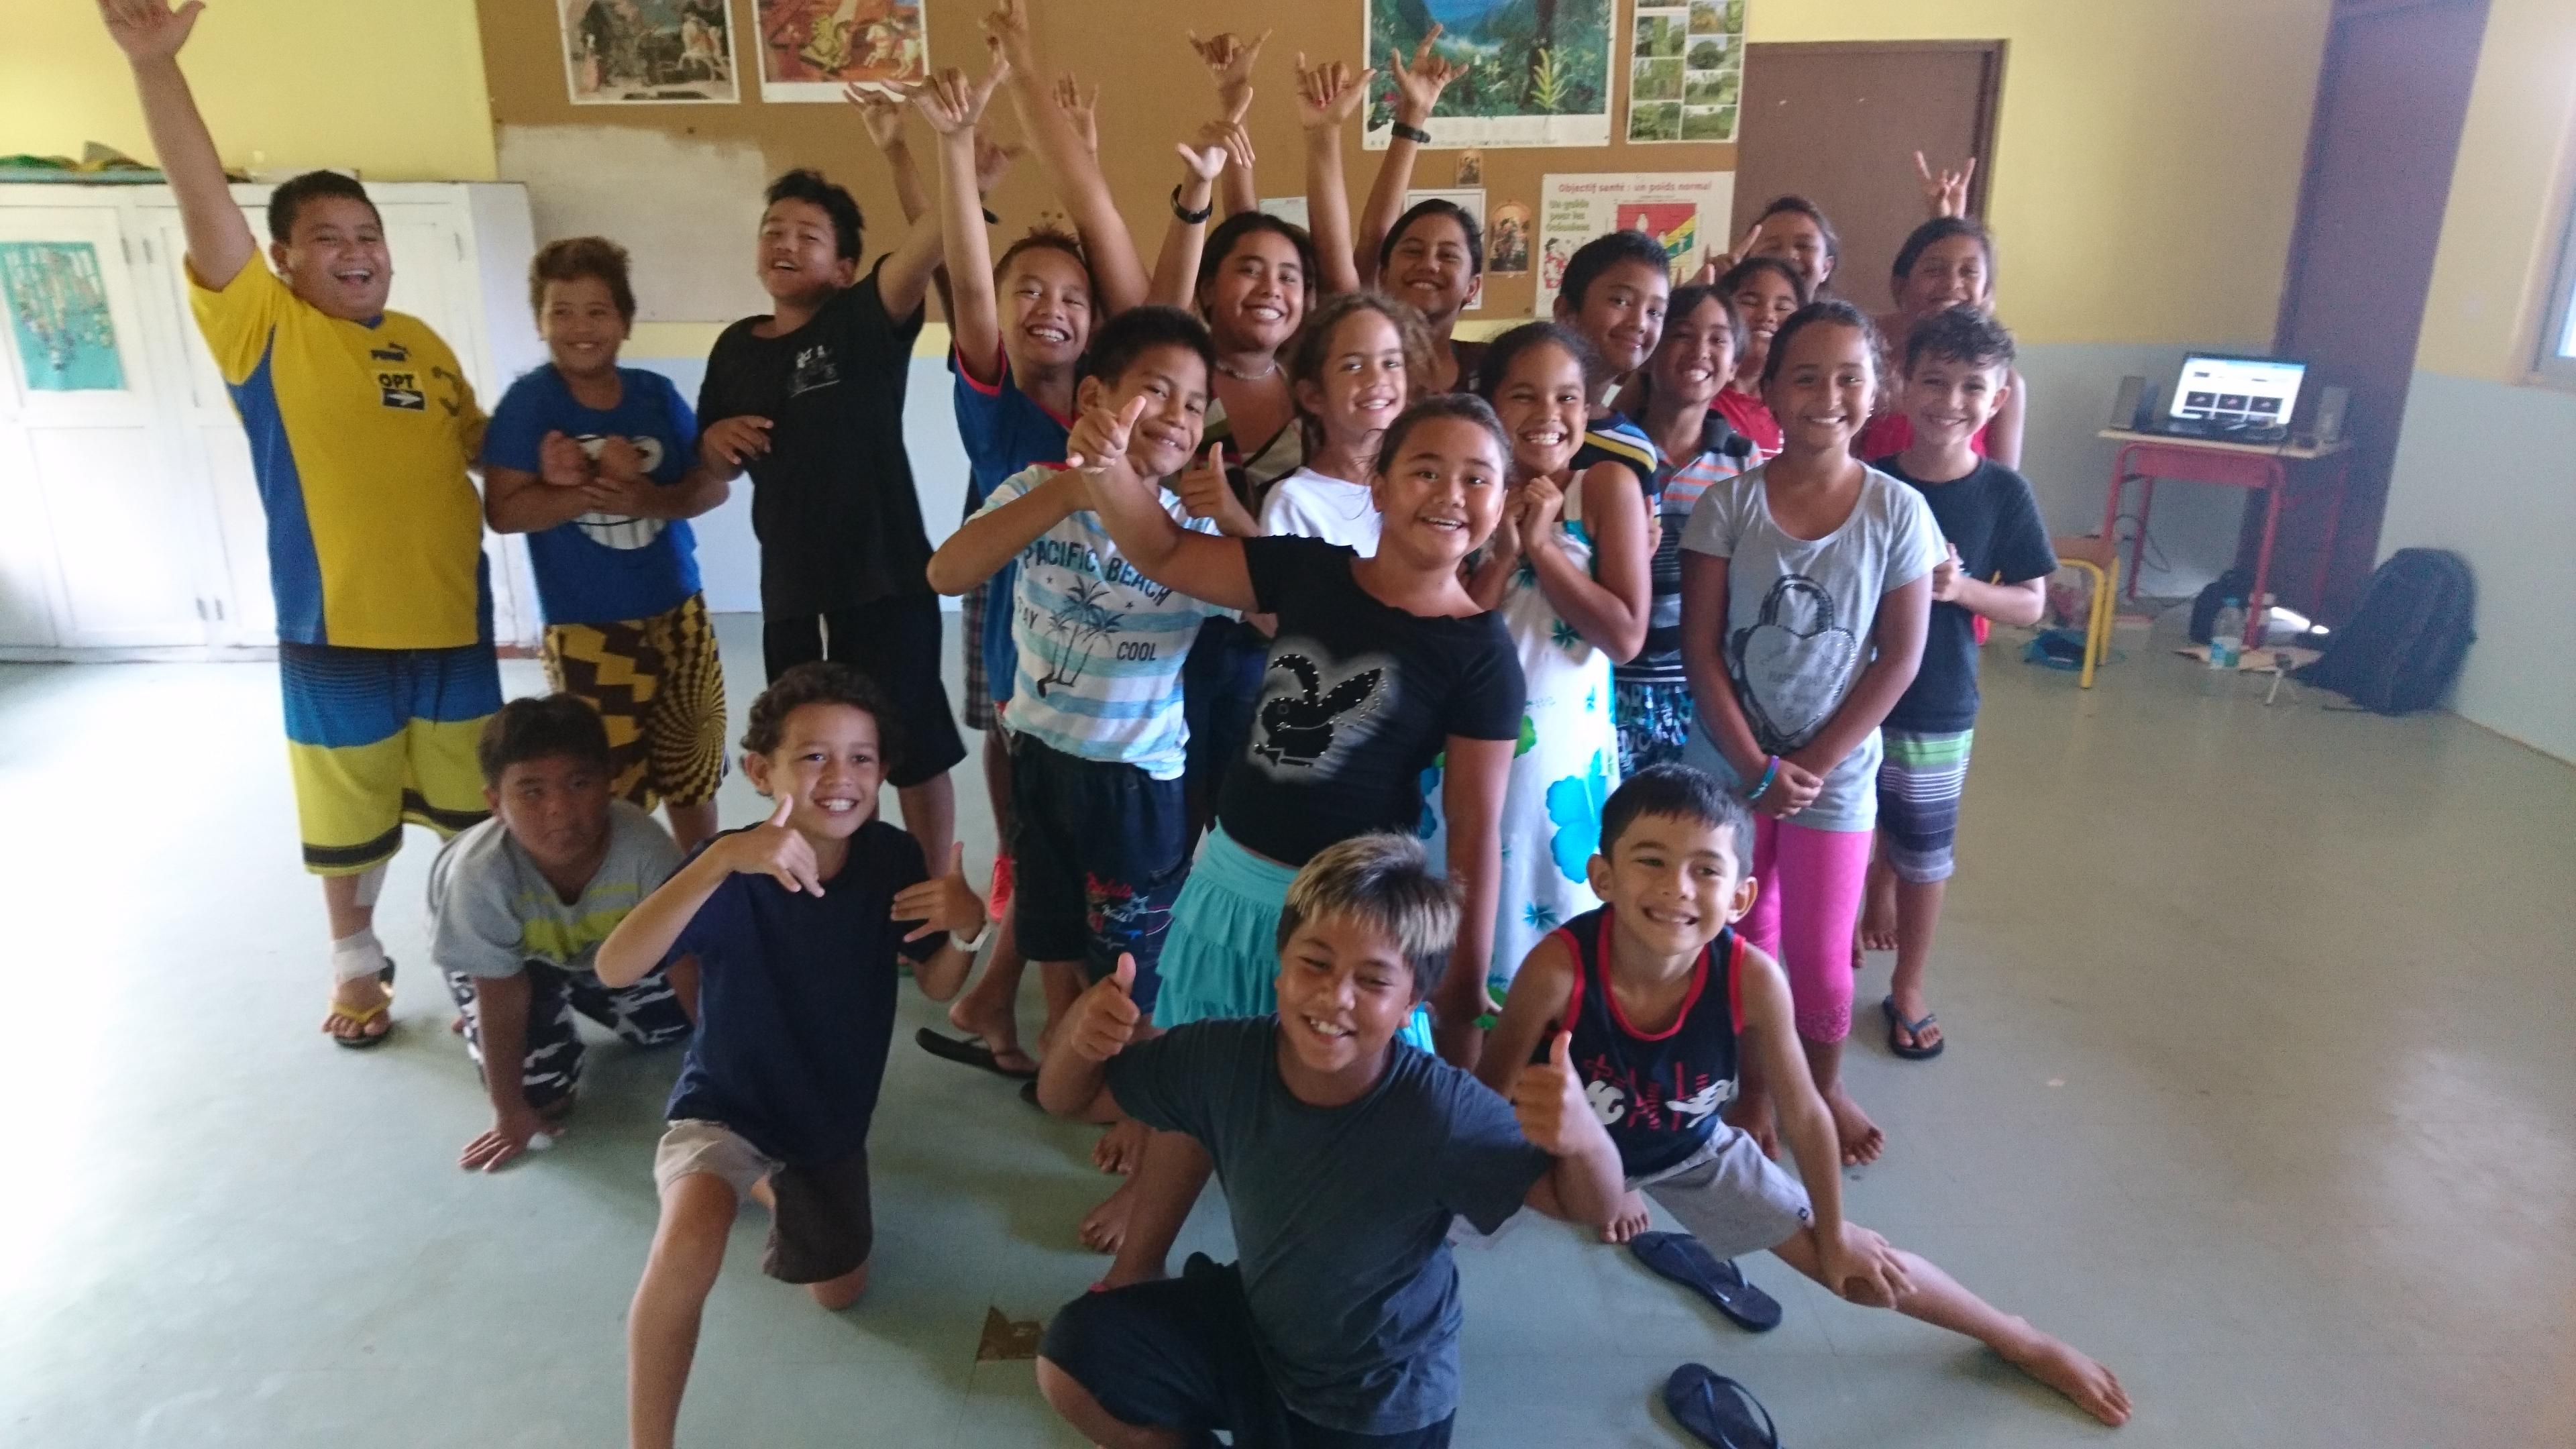 Les enfants de Hiva Oa dansent Jacques Brel